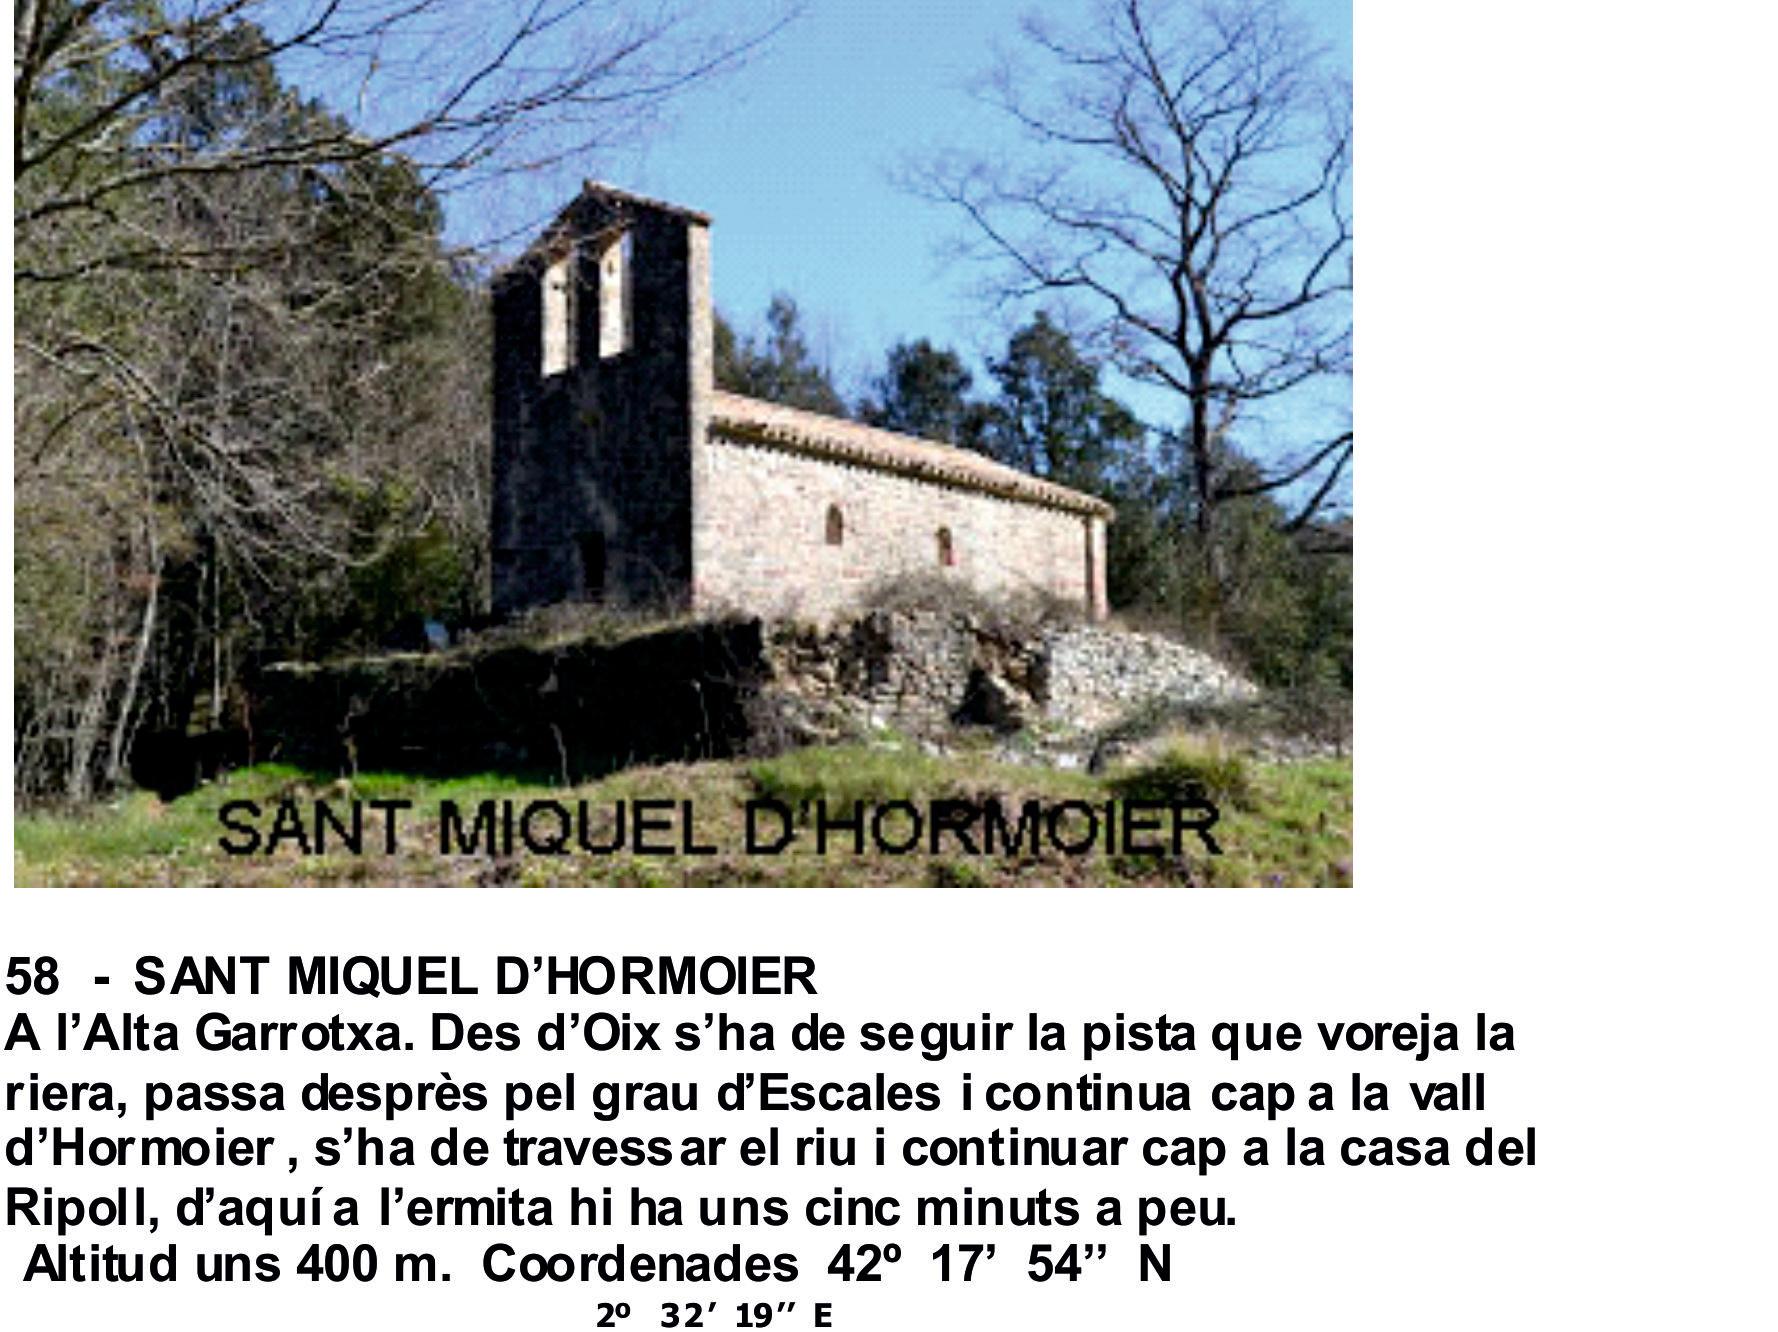 58__-__SANT_MIQUEL_D'HORMOIER